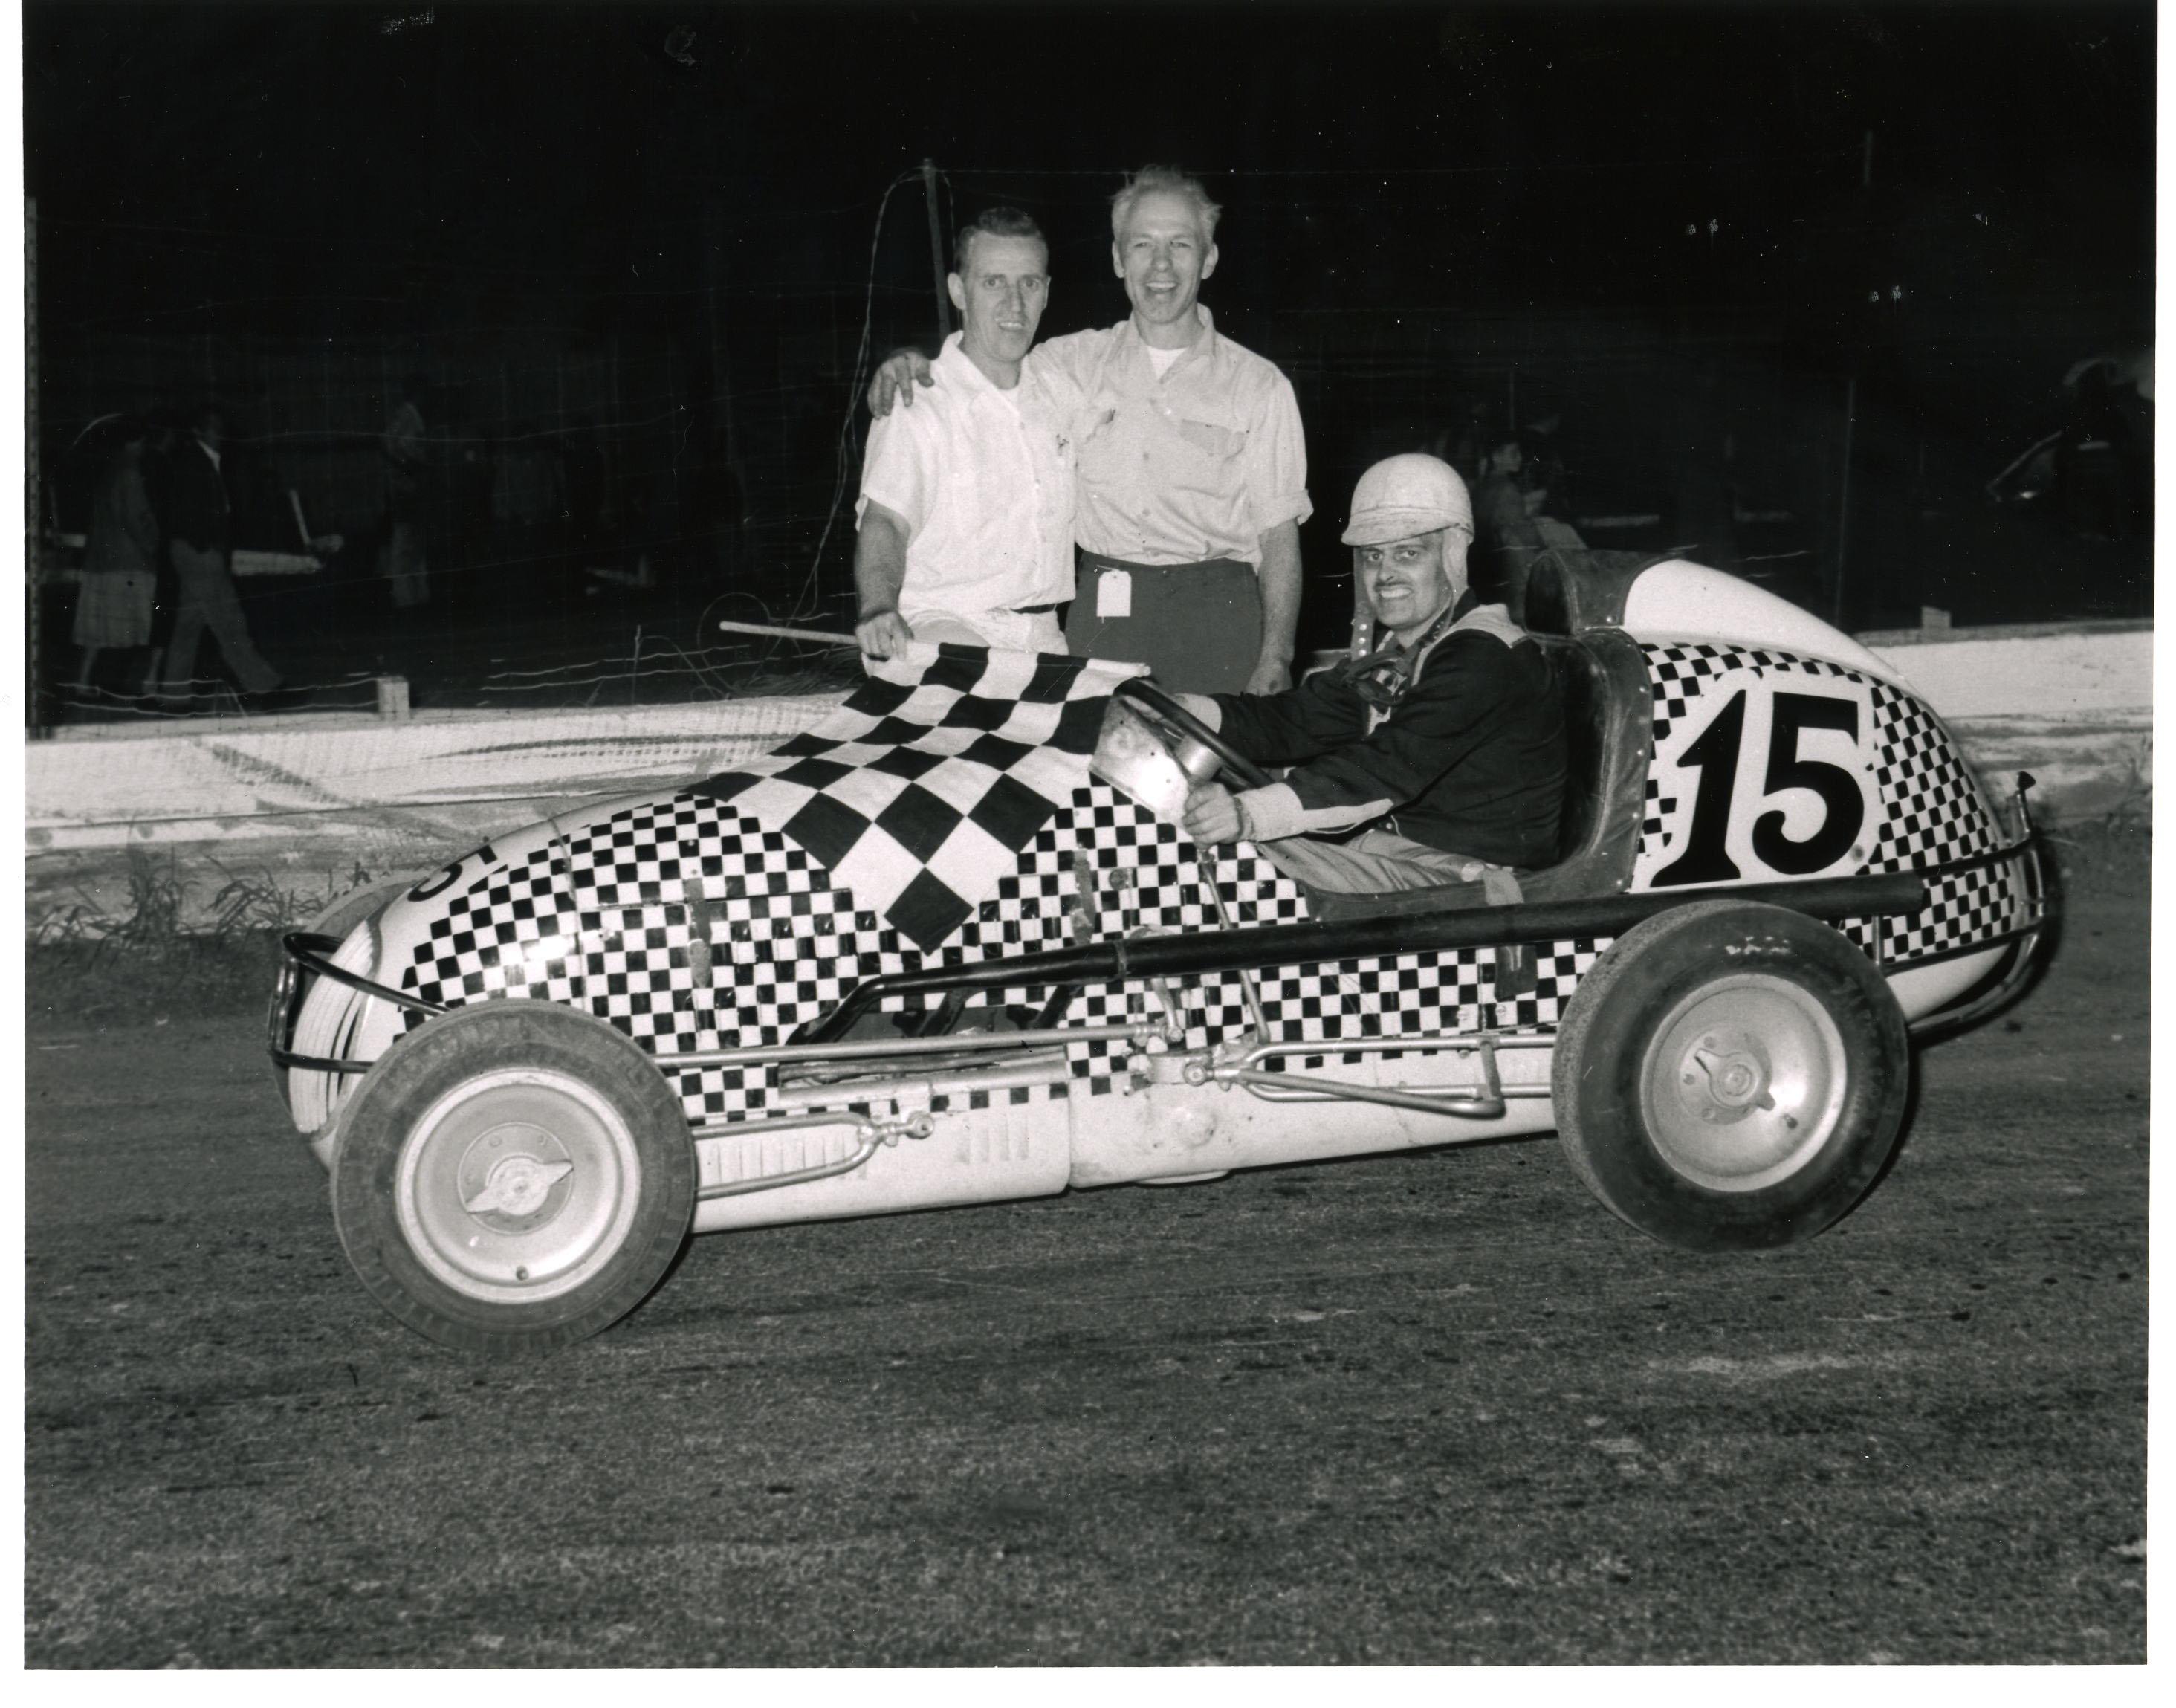 Evans midget racer